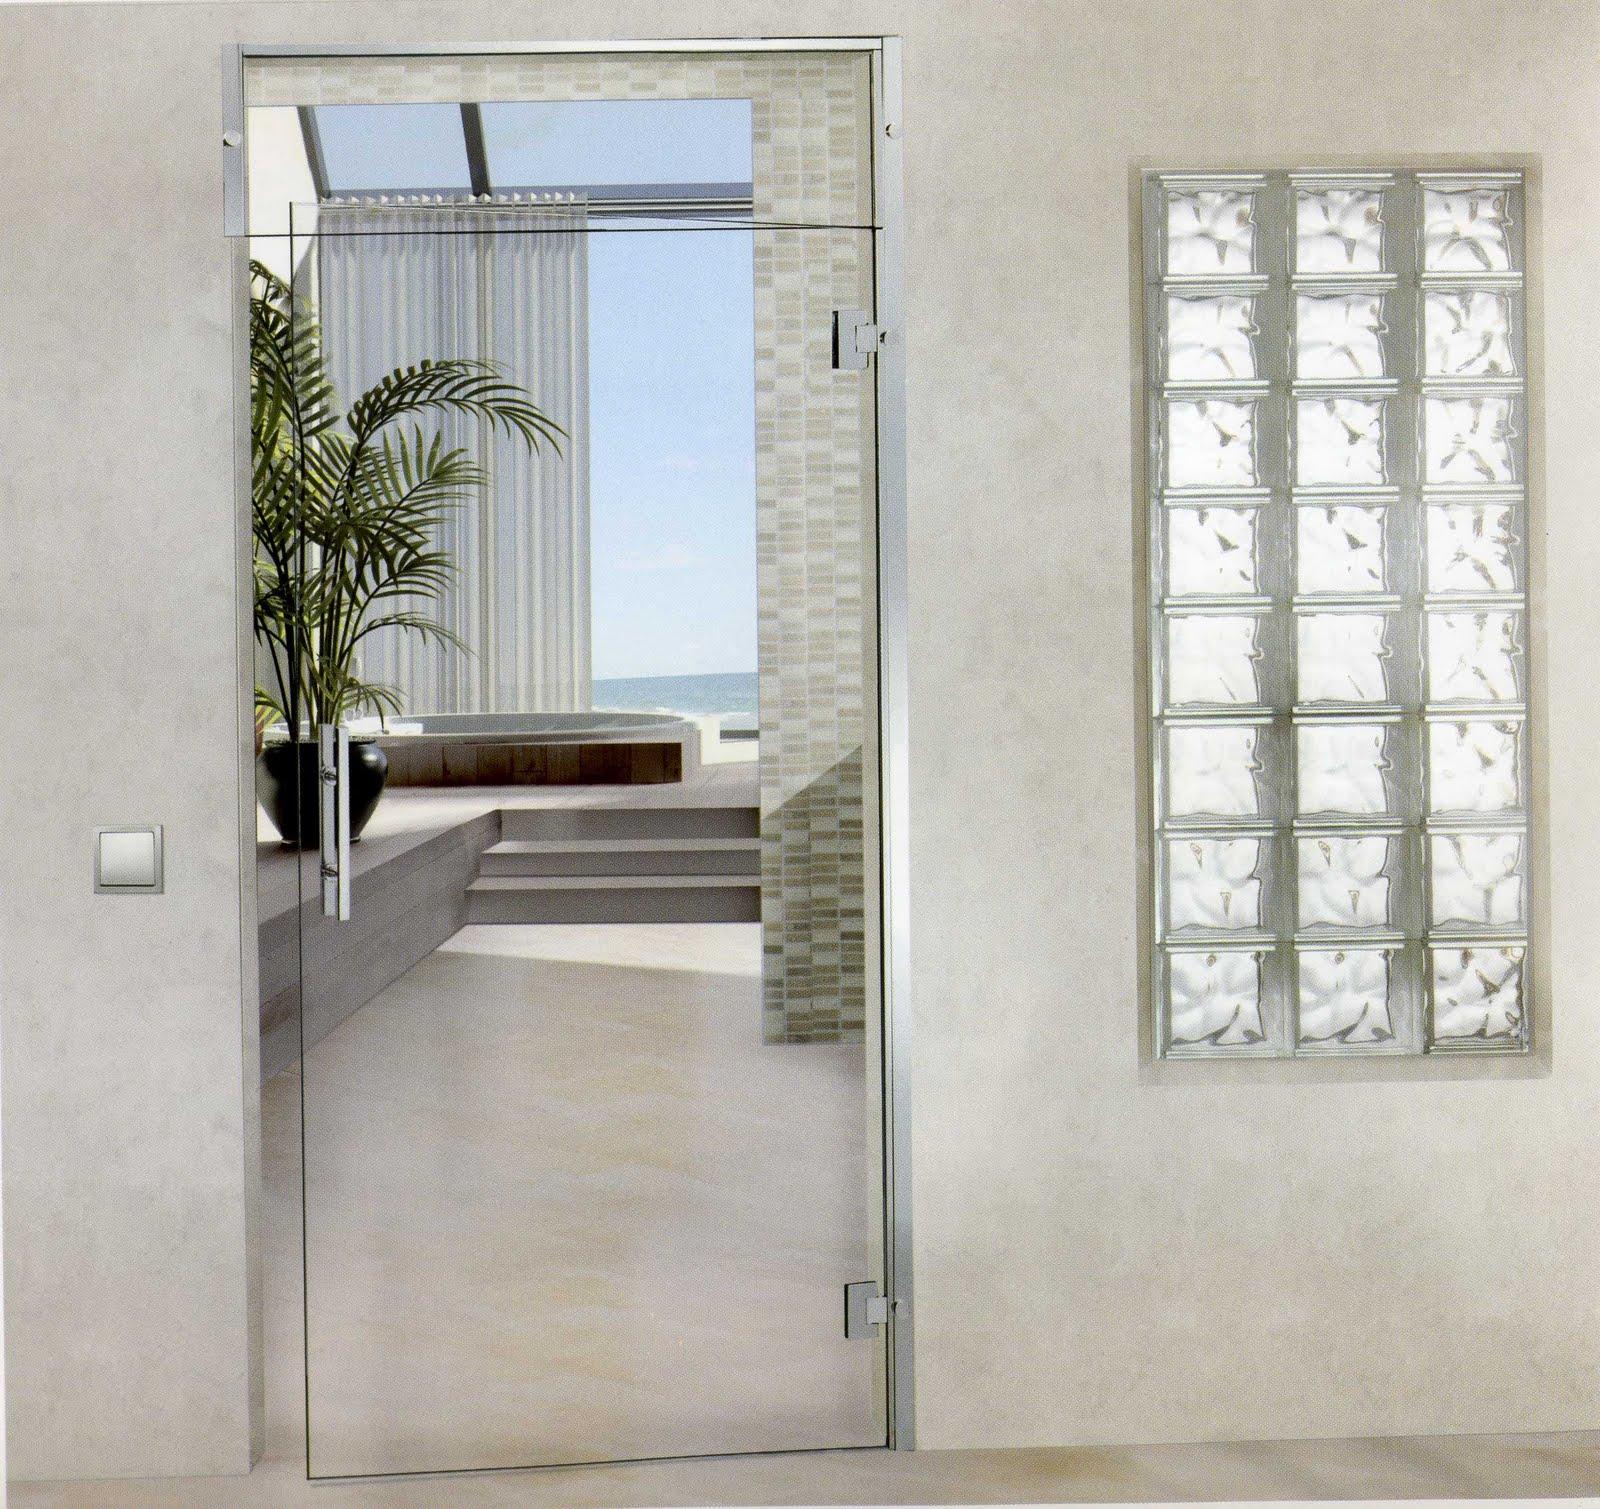 Aluminio y pvc en aranjuez y alrededores alumifrank for Cristales para puertas de interior